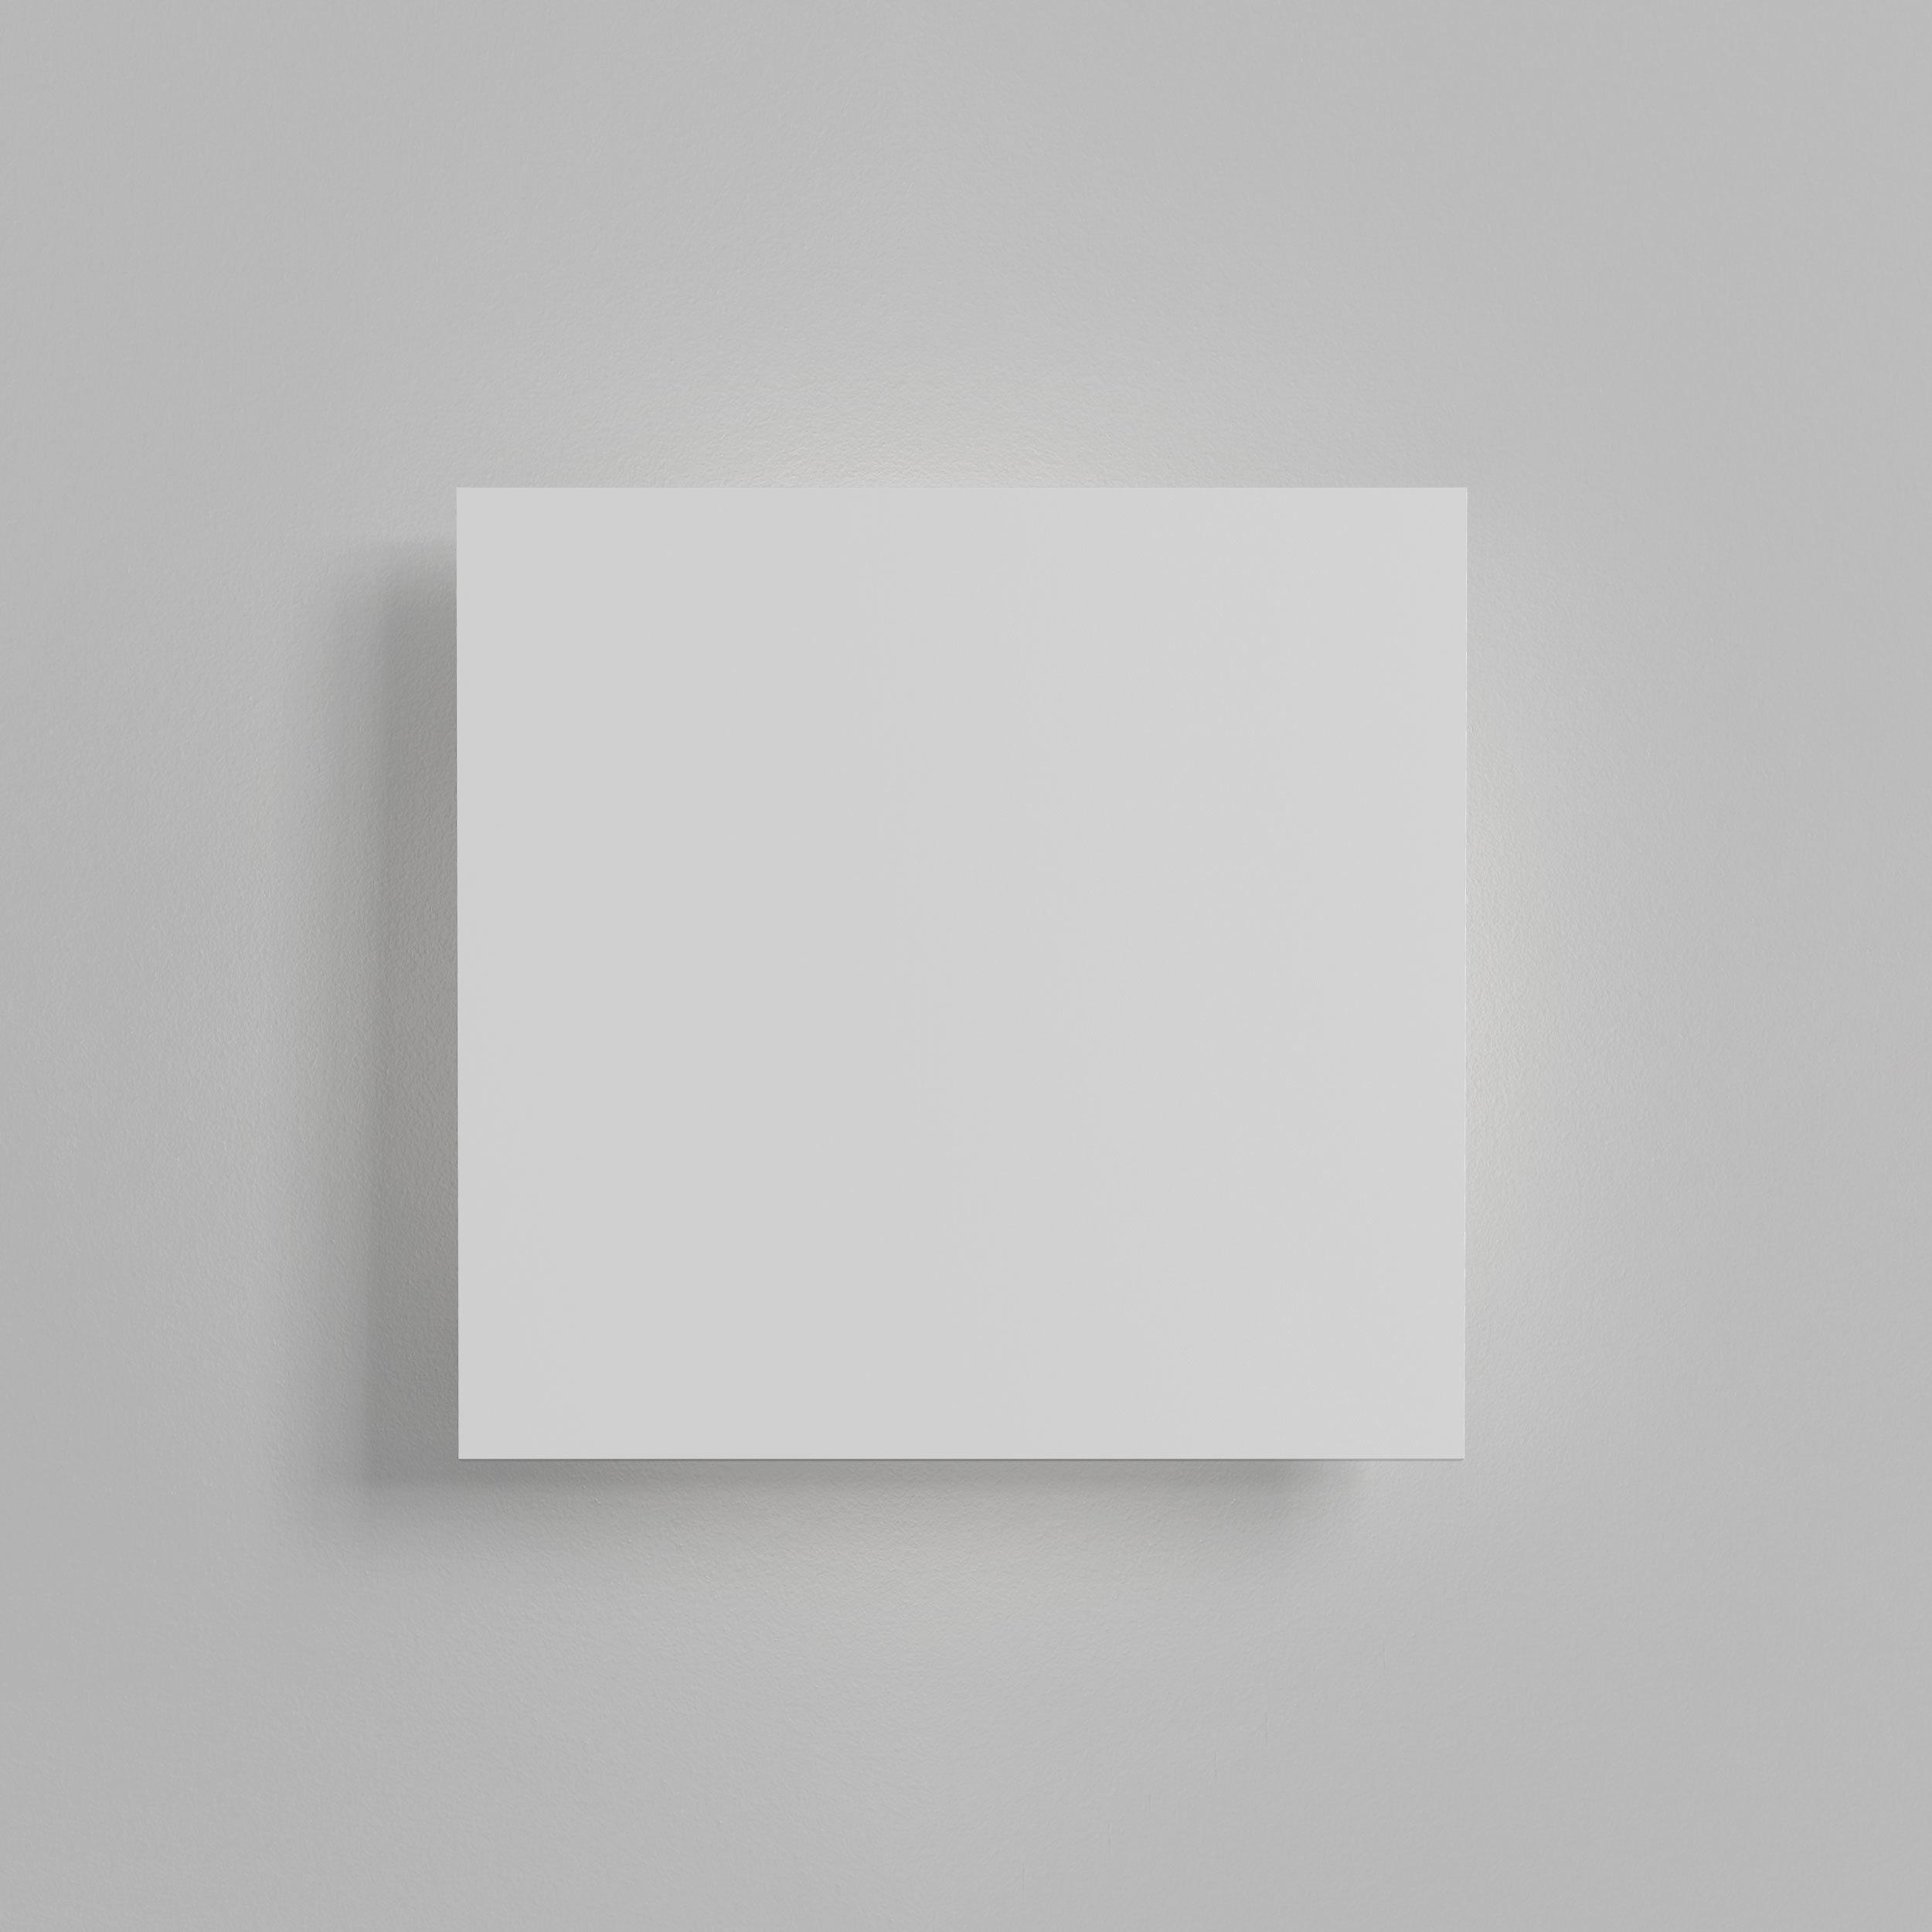 Настенный светодиодный светильник Astro Eclipse 1333001 (7248), LED 15,08W 3000K 715.6lm CRI60, белый, под покраску, гипс - фото 2